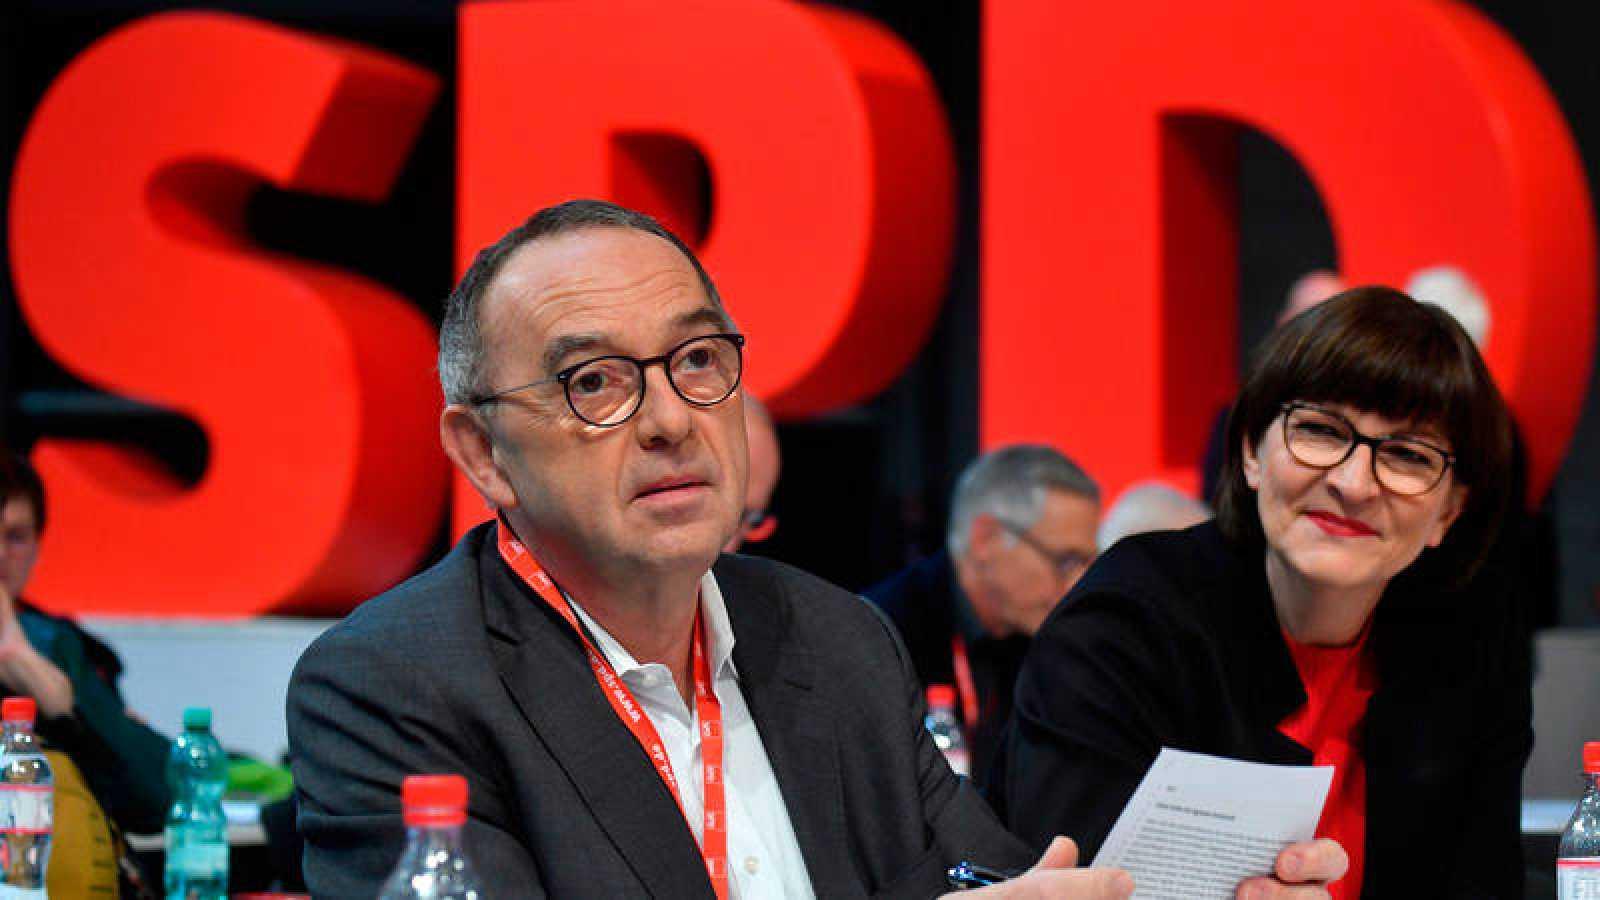 Los nuevos líderes del SPD, Saskia Esken yNorbert Walter-Borjans, en el congreso del partidoen Berlín